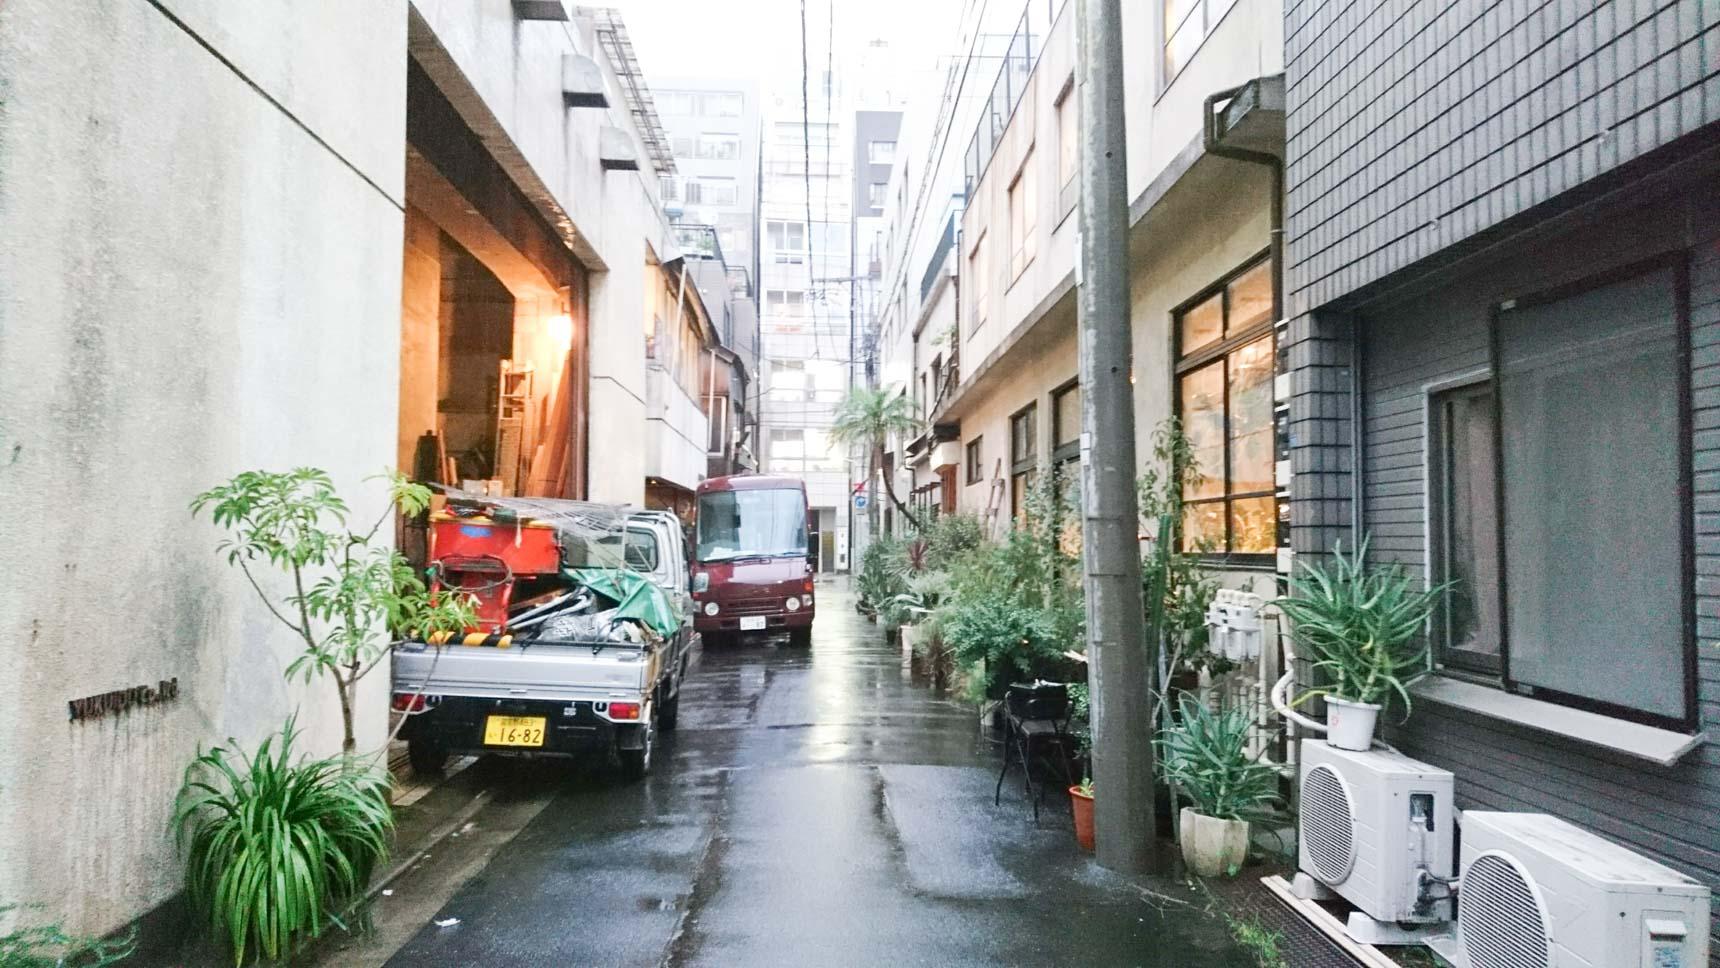 上野駅から徒歩3分ほどの裏路地。なにやら、植物がモサモサと集まった楽しげなビルがあります。